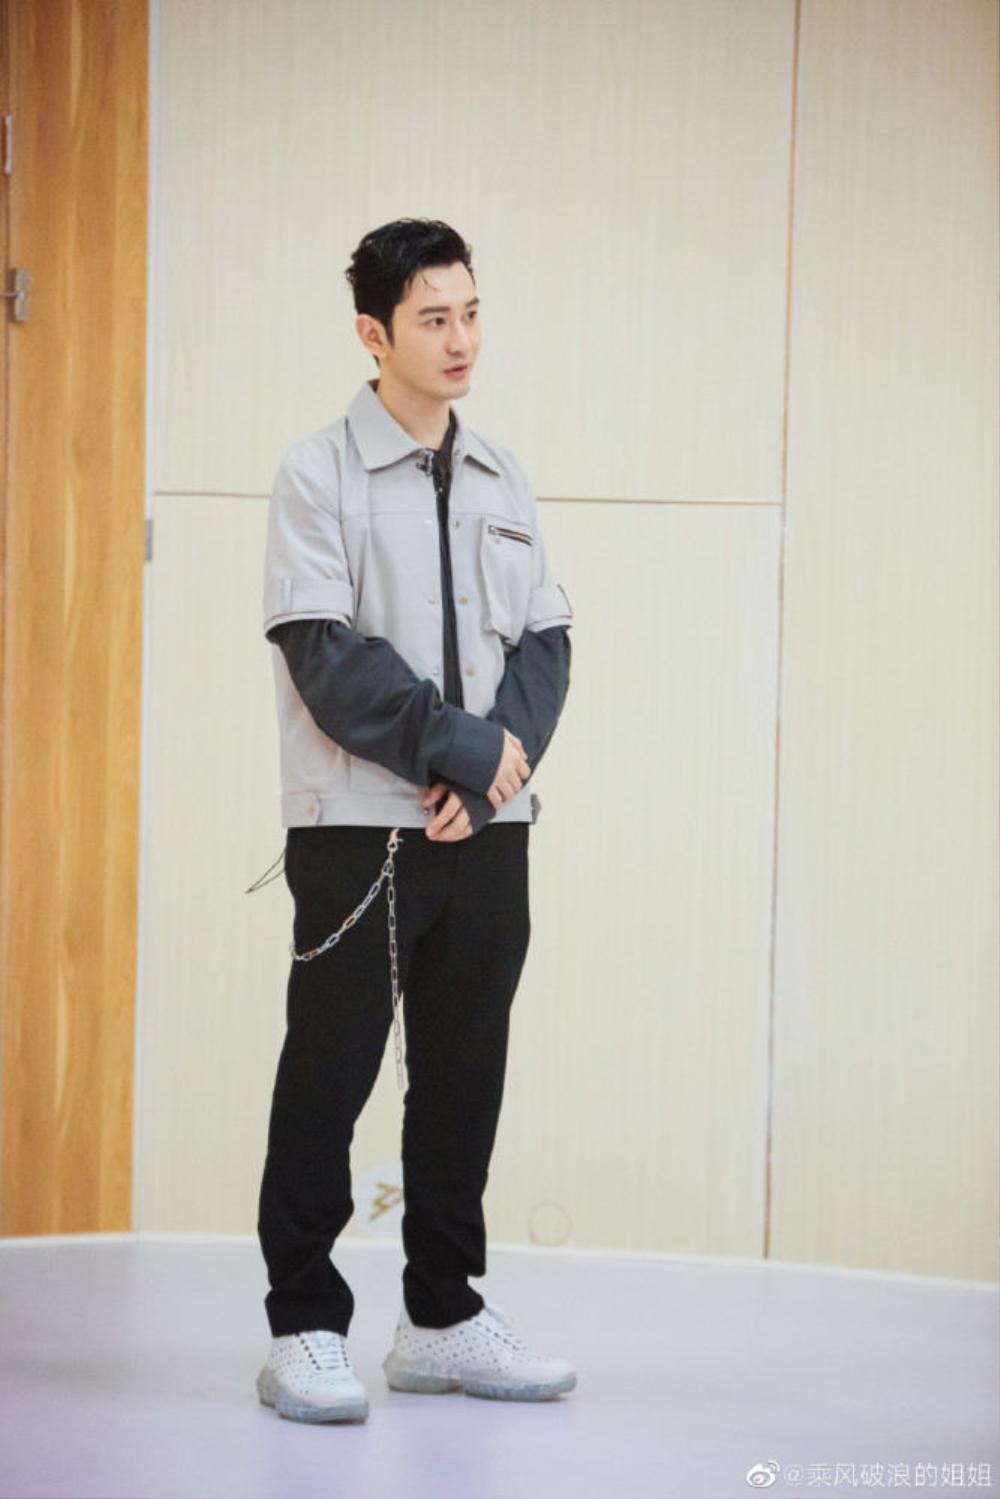 Văng mặt Chung Kết Sáng tạo doanh, fan tức giận mỉa mai Angelababy nên giải nghệ để chăm con Ảnh 2